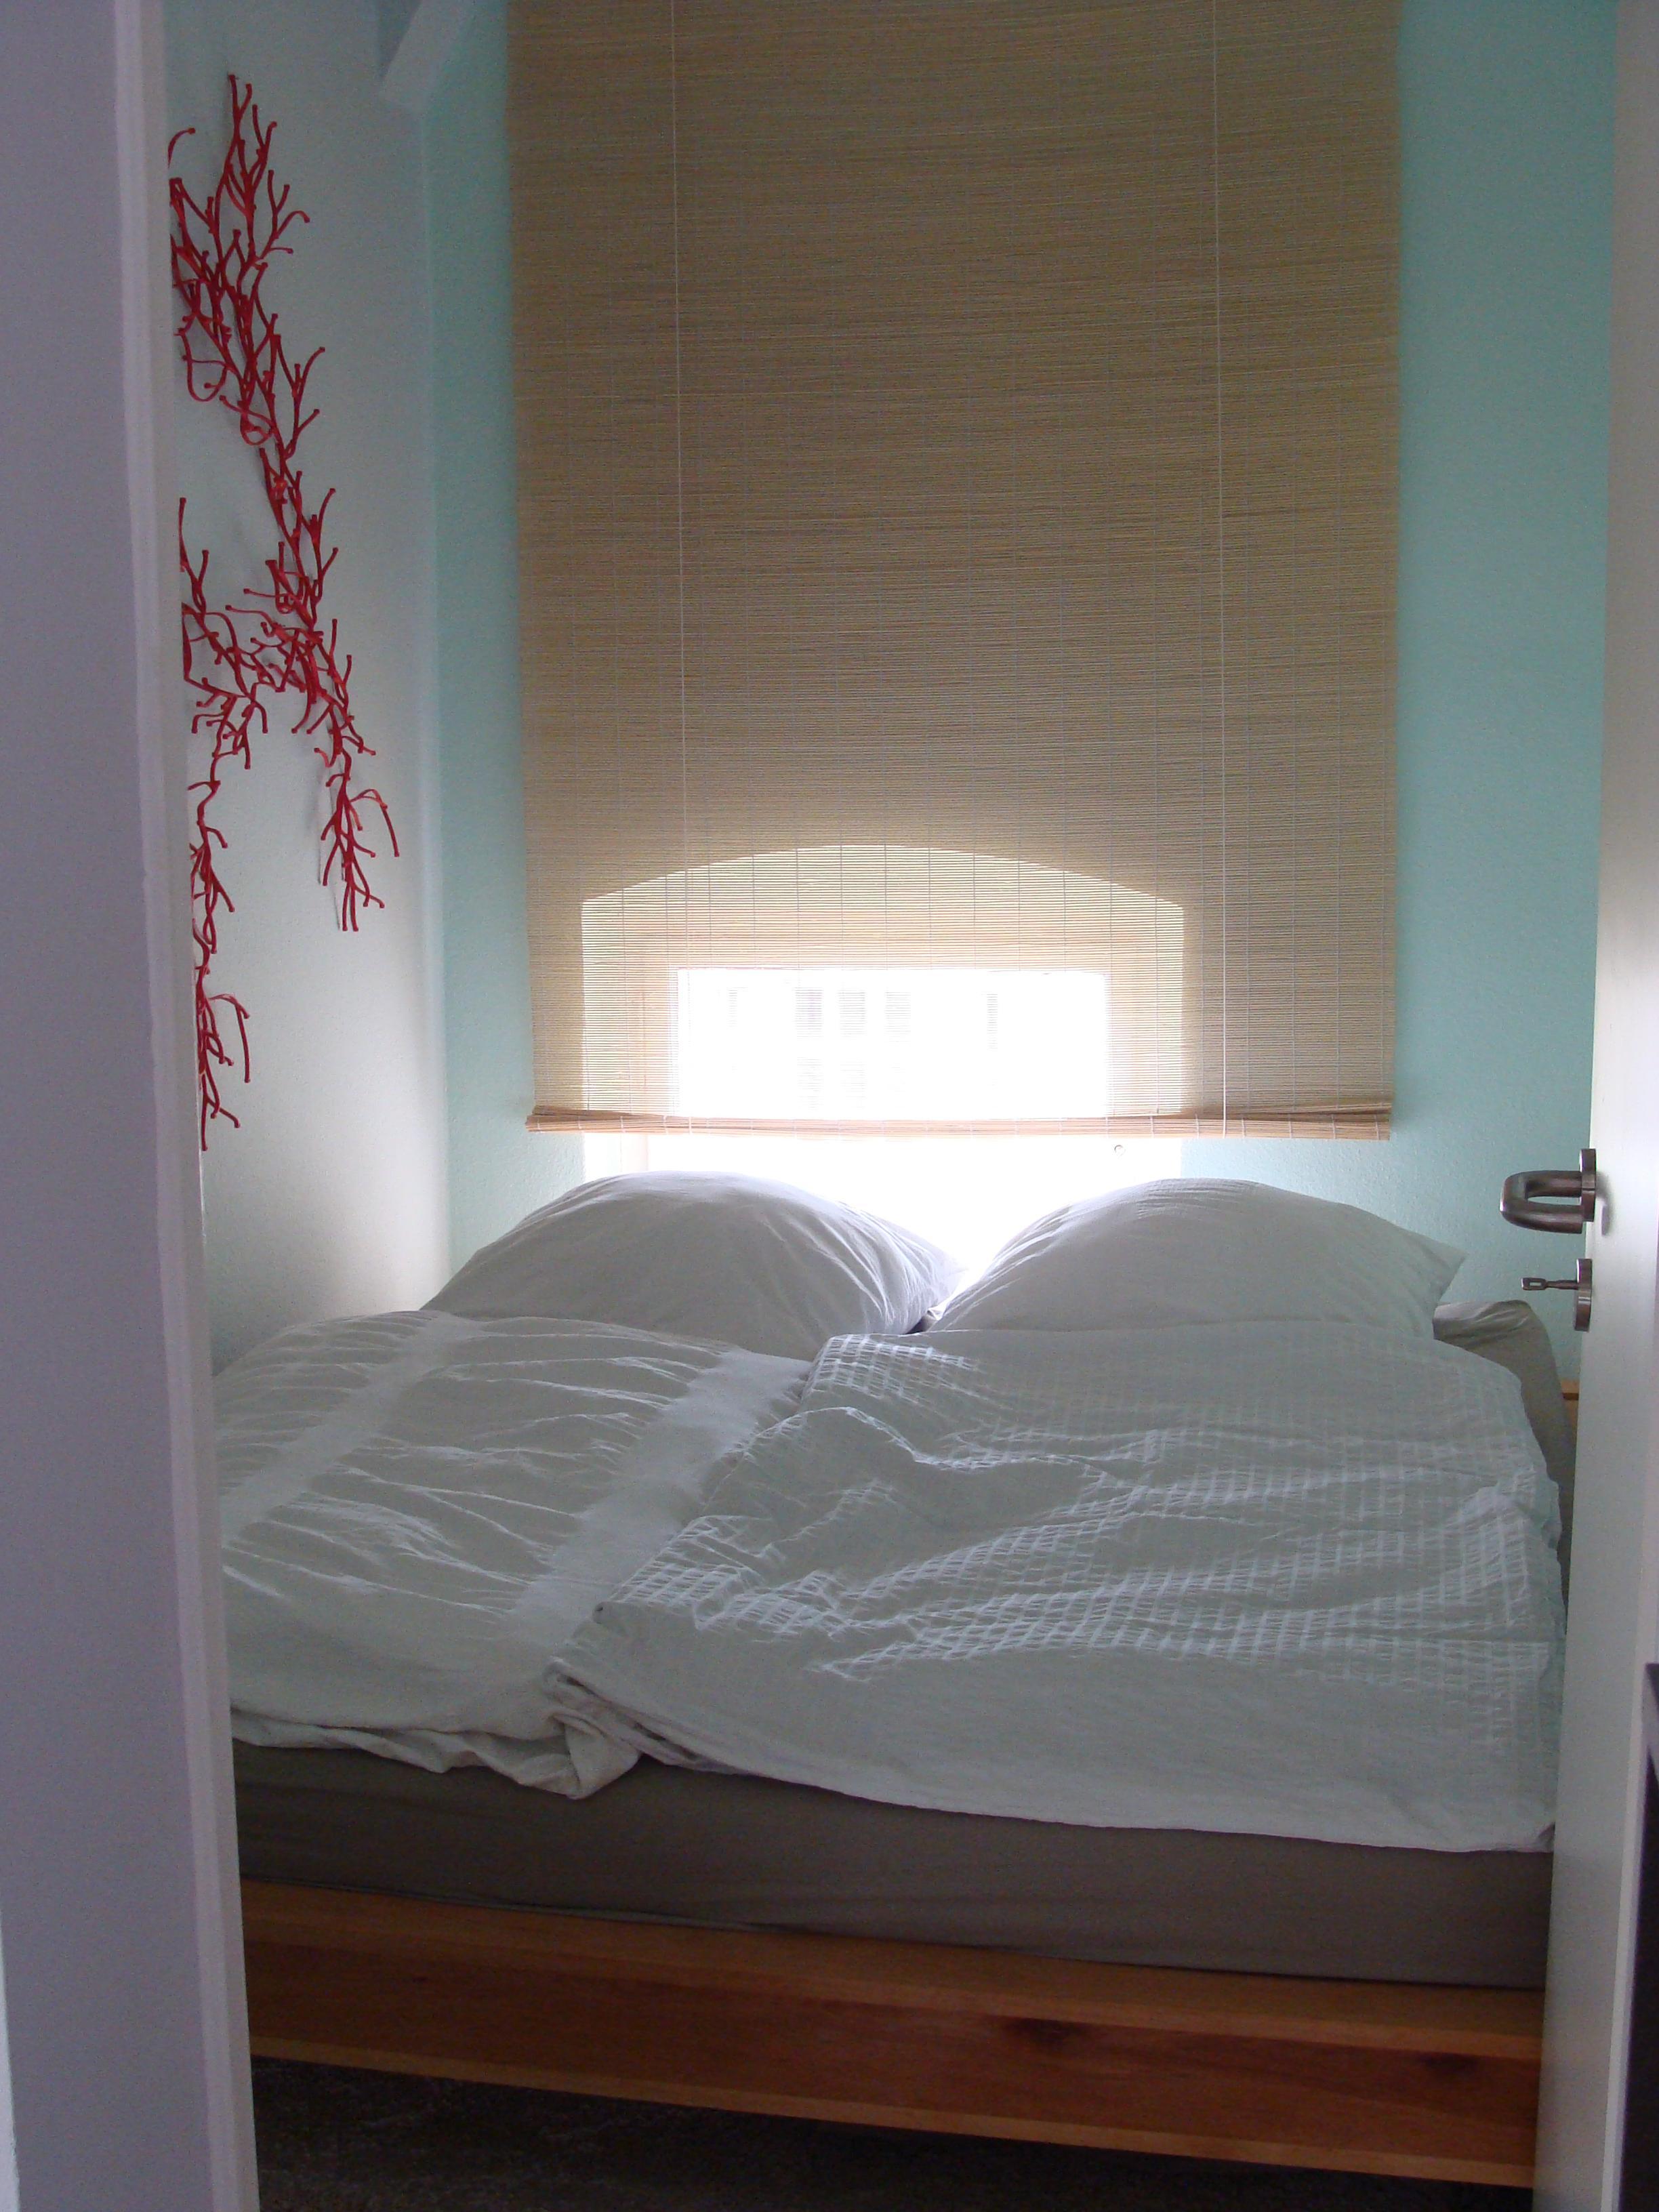 Grünes Schlafzimmer mit Bastrollo #bastrollo ©Mareik...